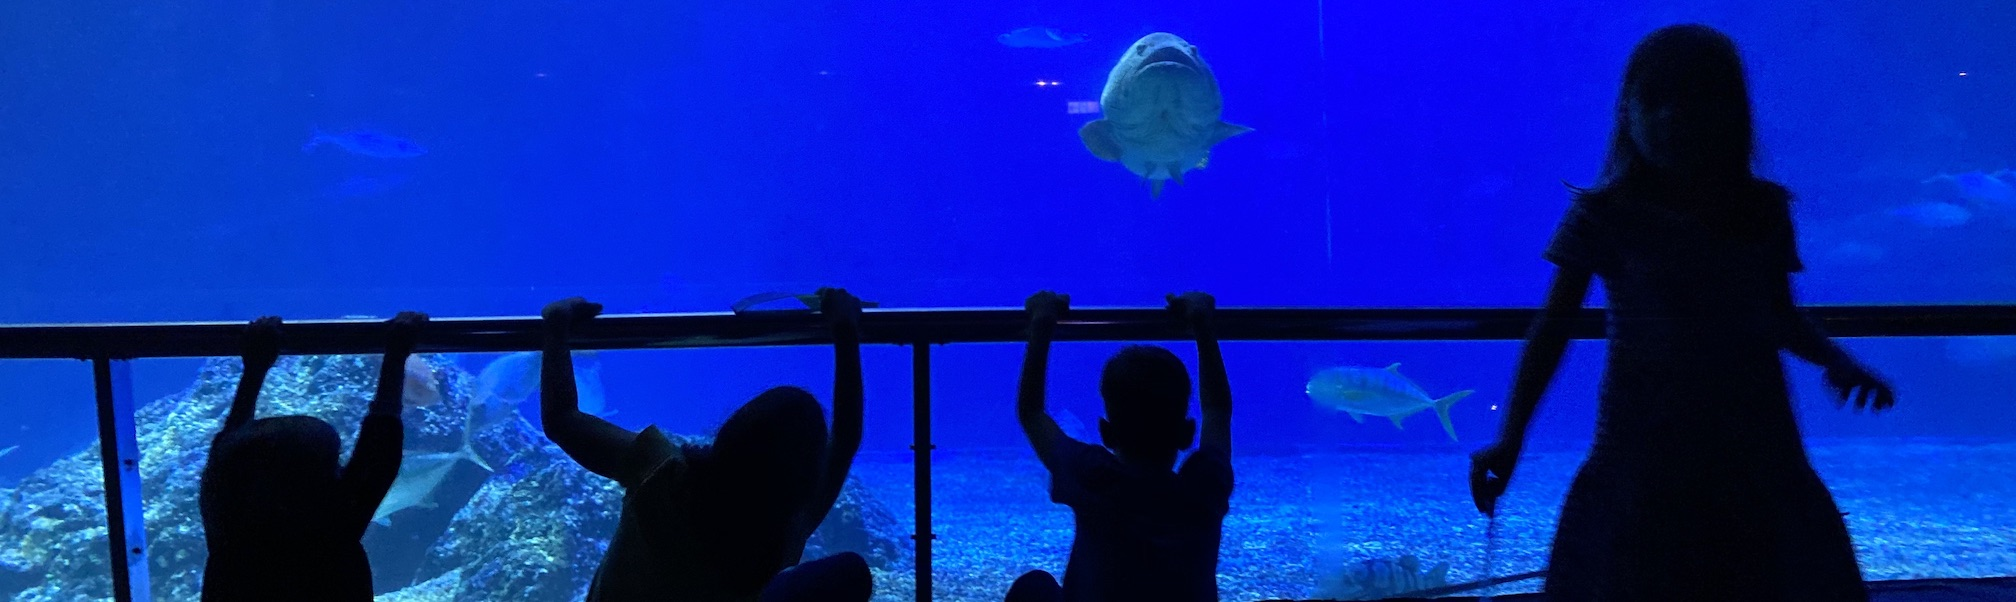 National Museum of Marine Biology & Aquarium